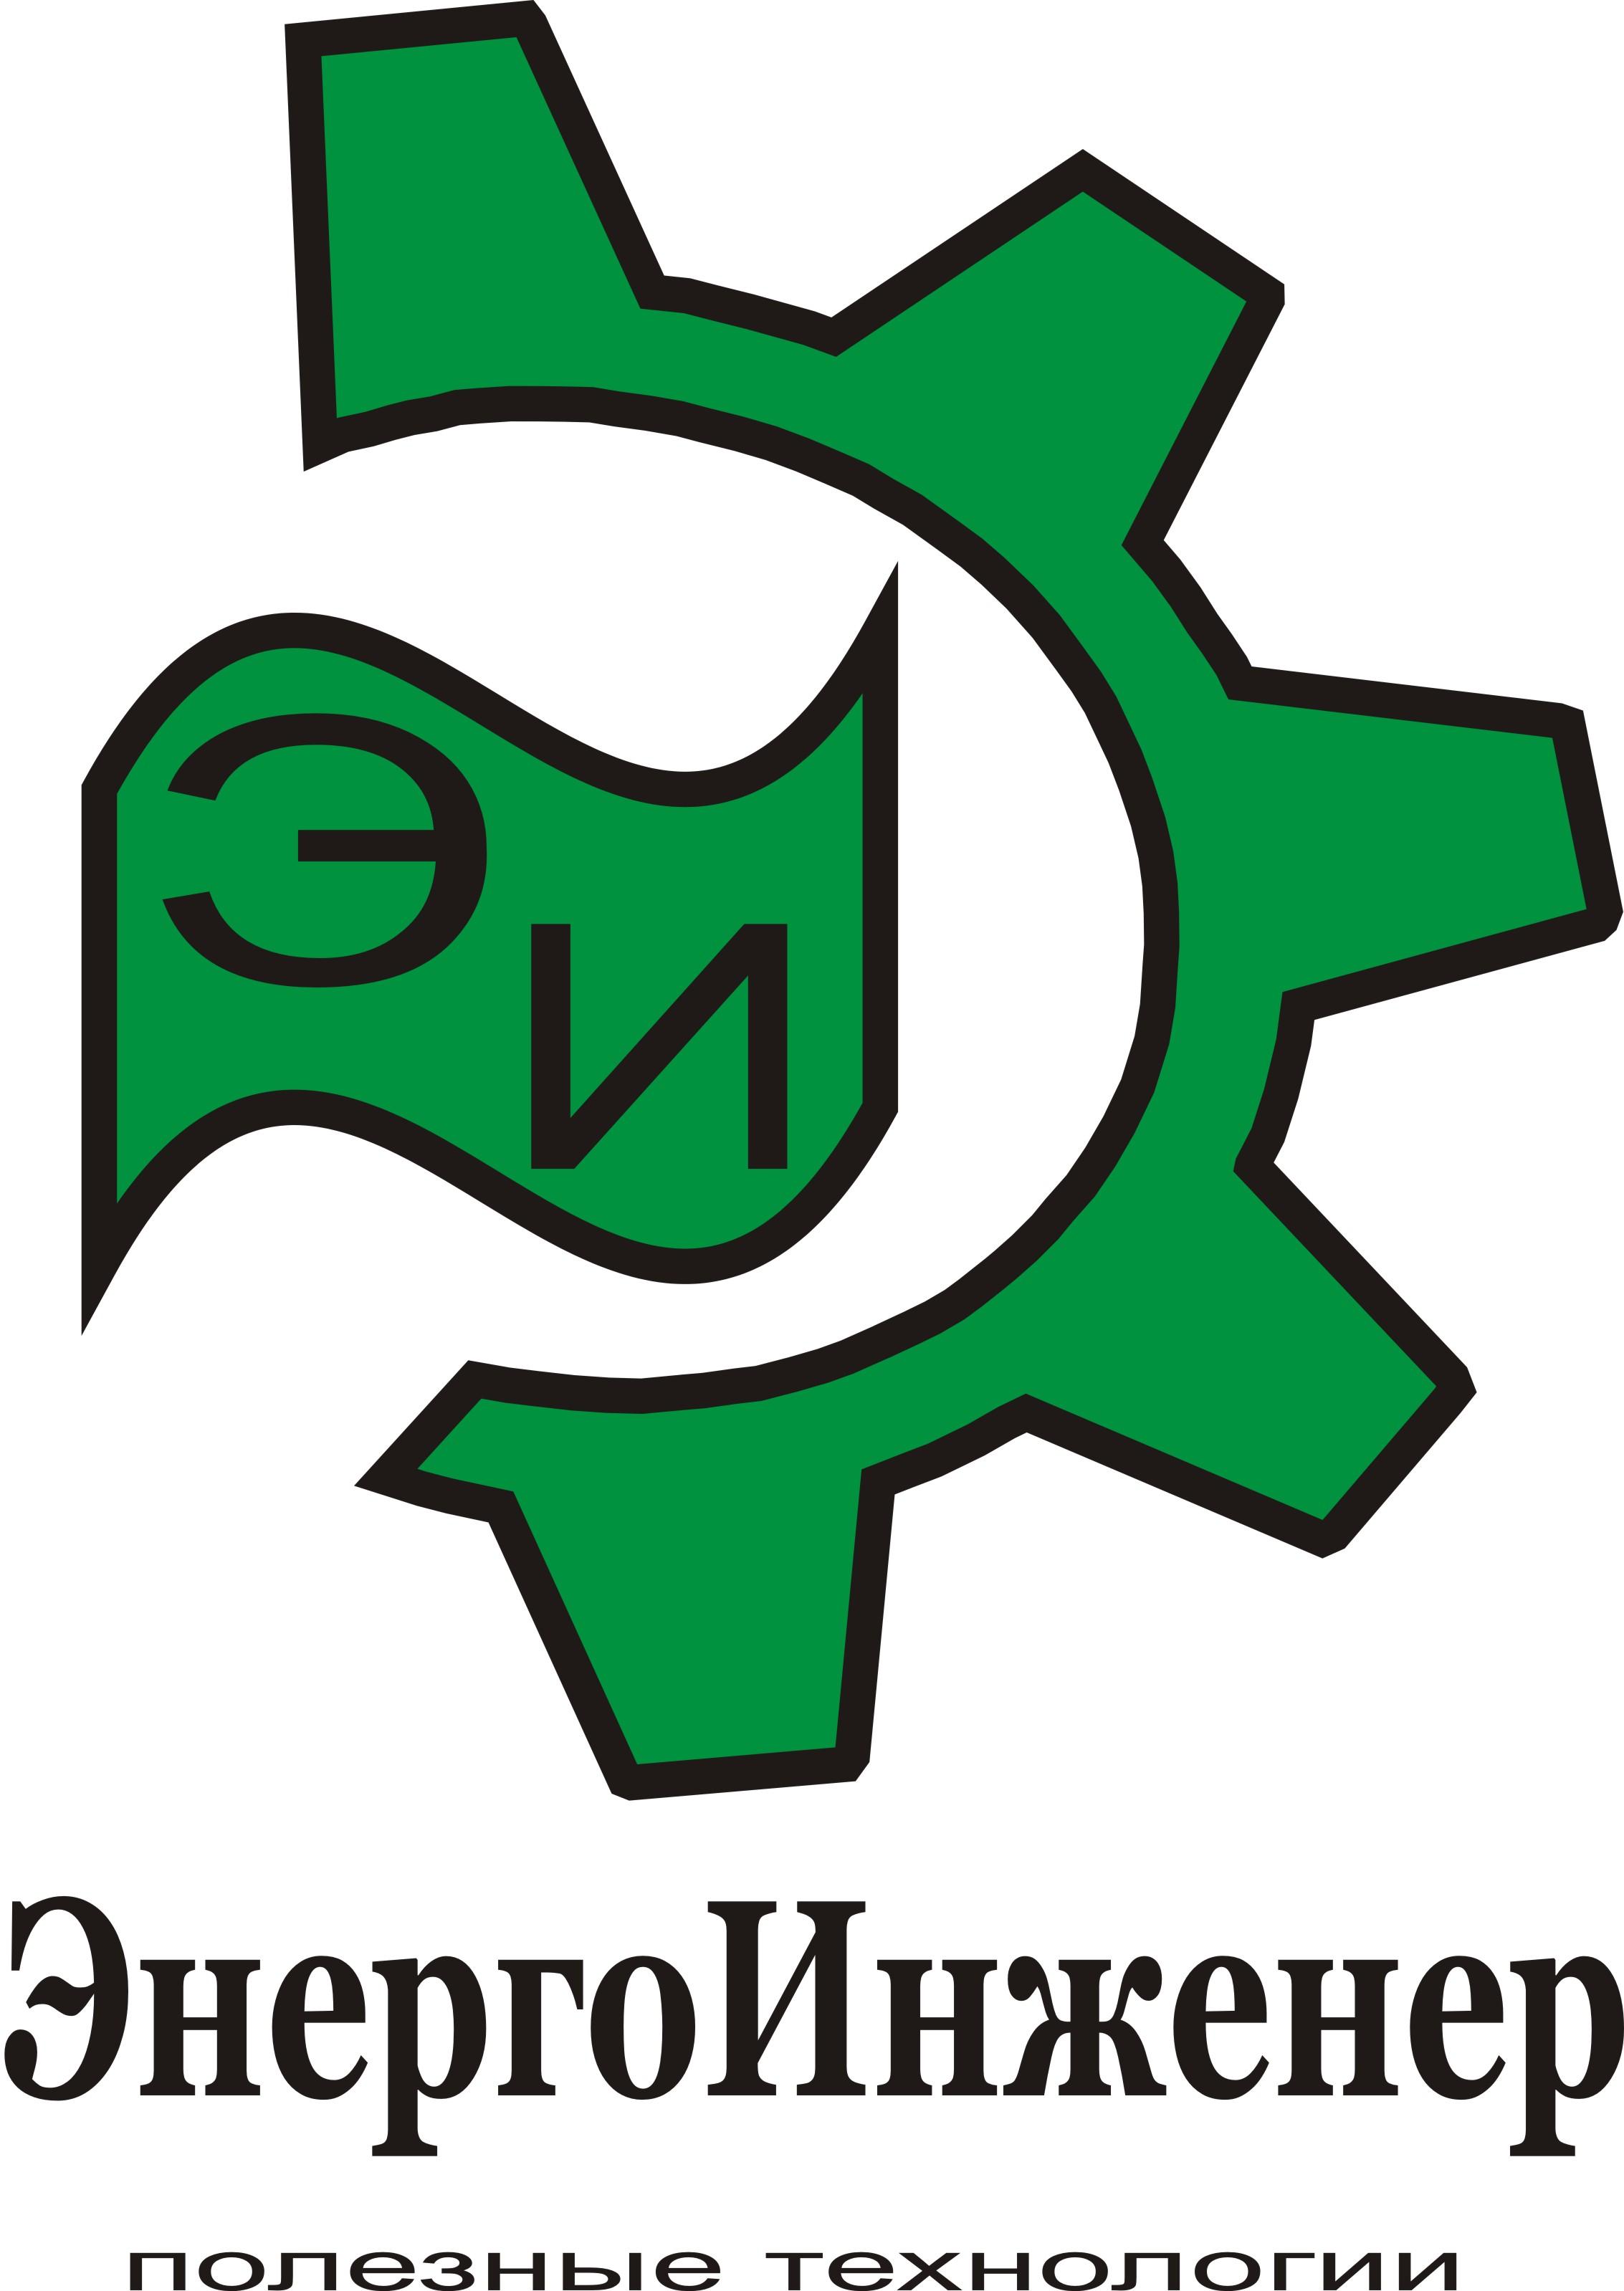 Логотип для инженерной компании фото f_92751e842383fab0.jpg